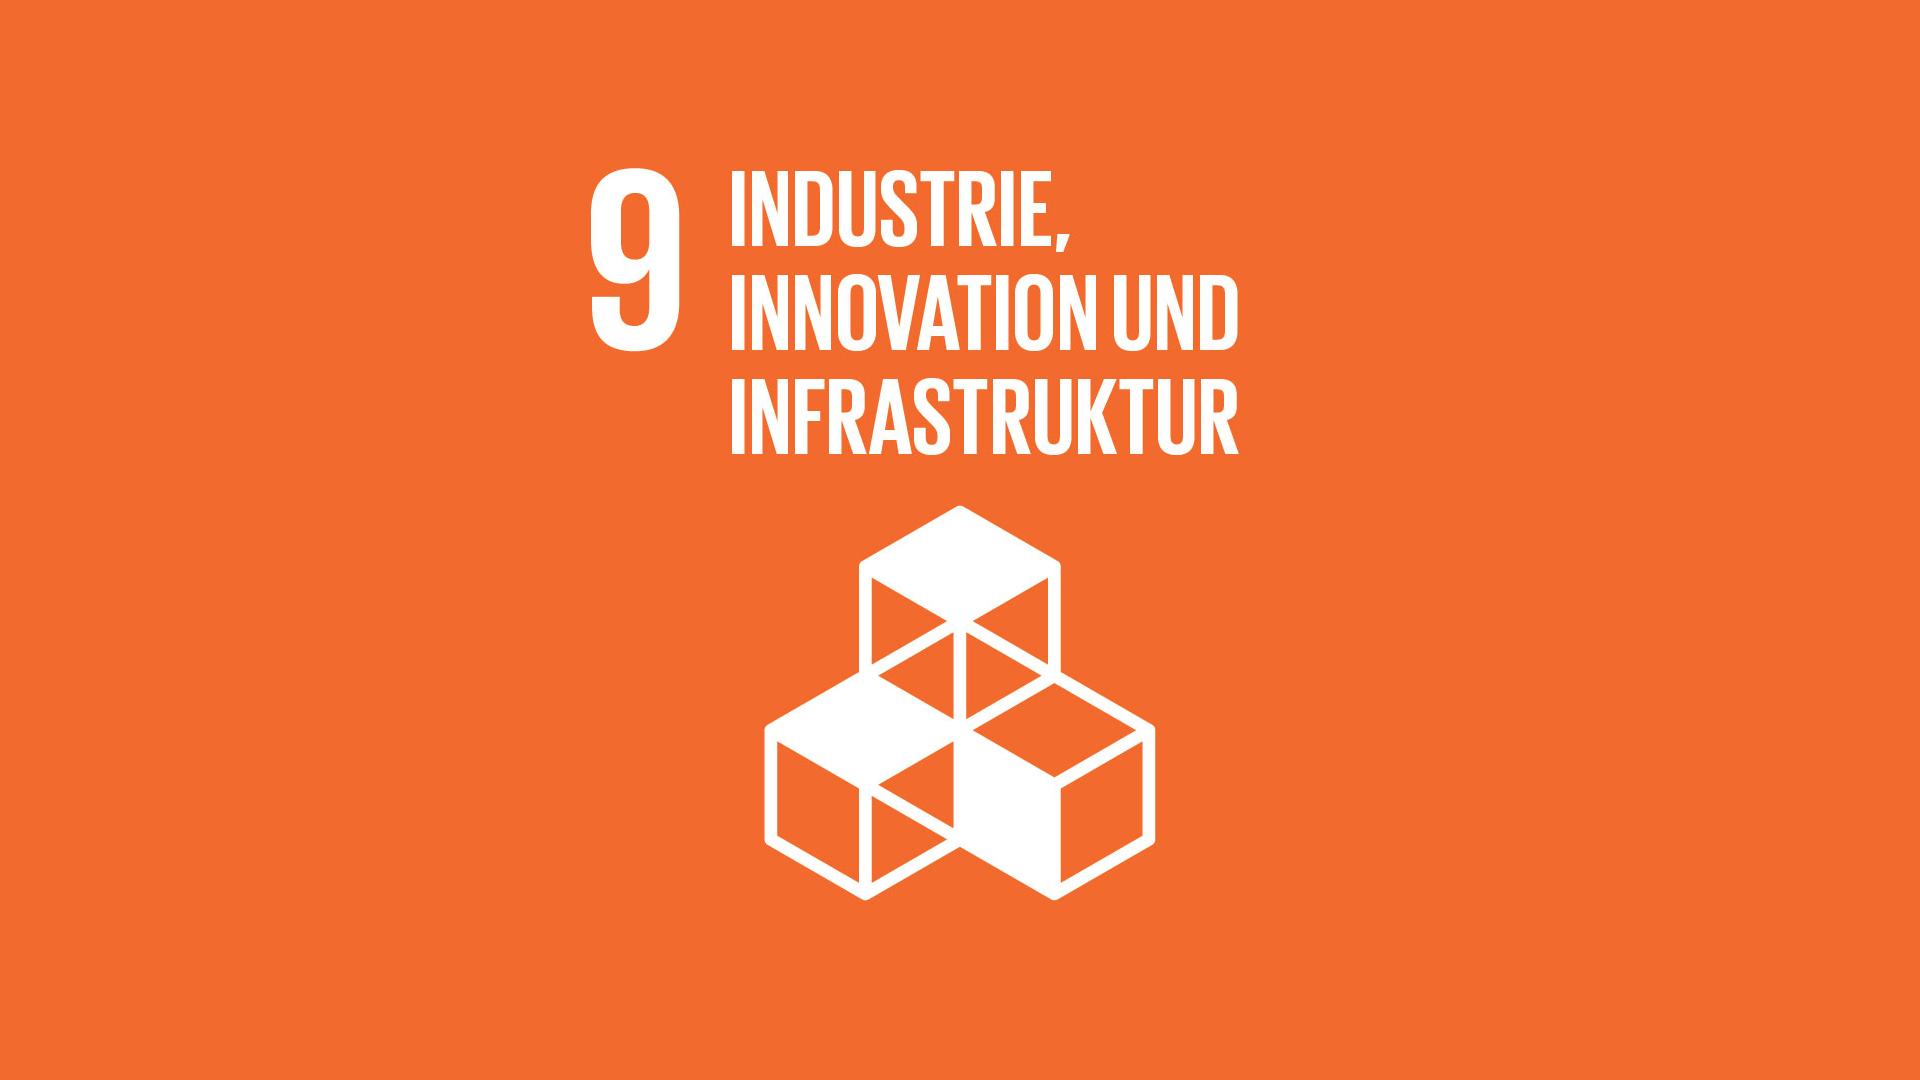 SDG 9: Industrie, Innovation und Infrastruktur